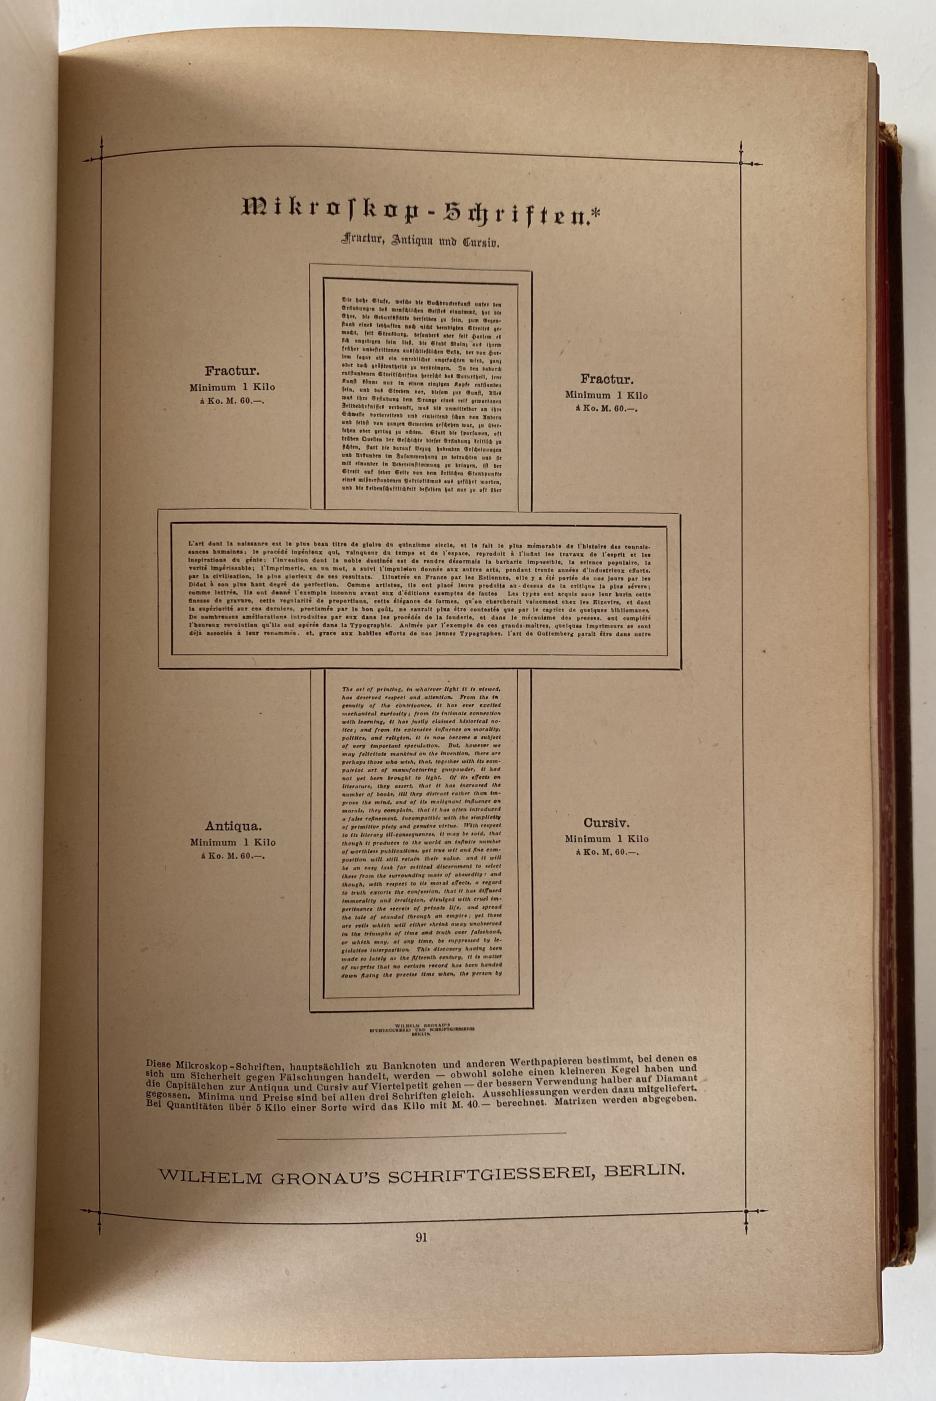 Mikroskop-Schriften.jpg